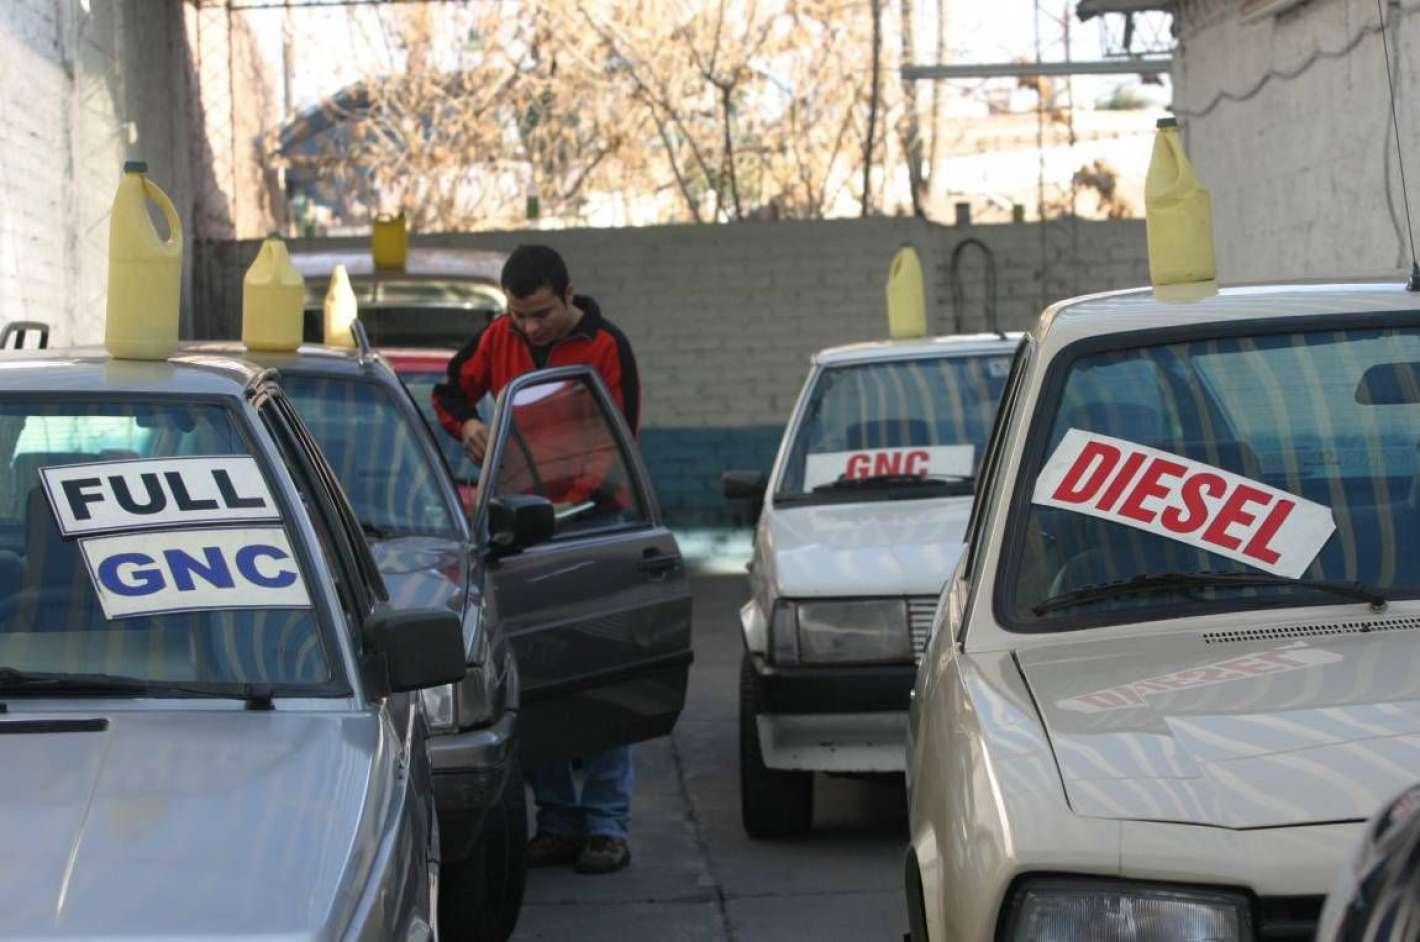 Venta De Autos Usados >> Volvio A Caer La Venta De Autos Usados Mendoza Post